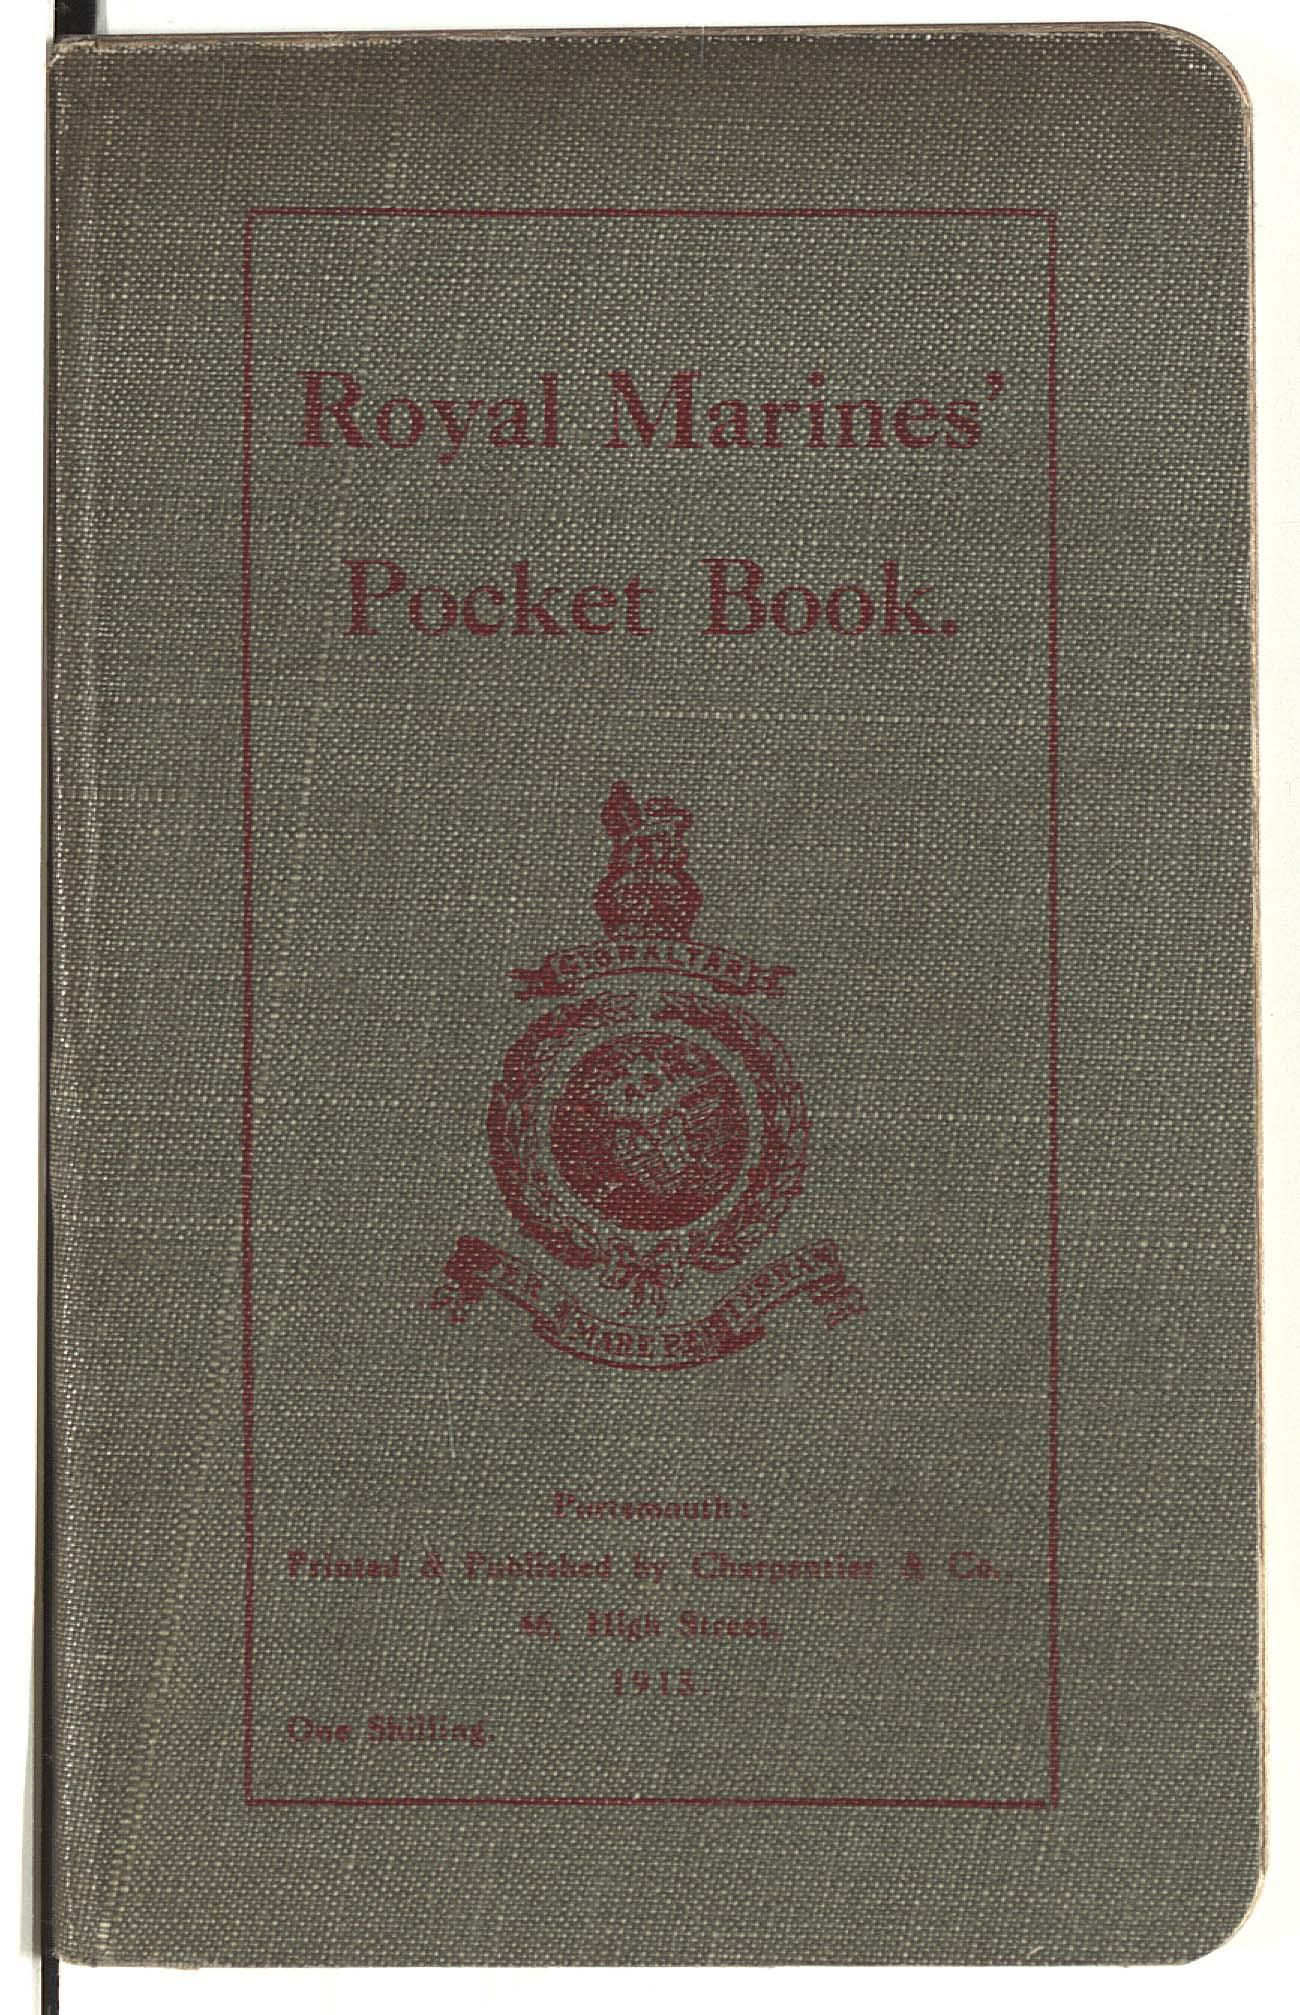 Royal Marines' Pocket Book